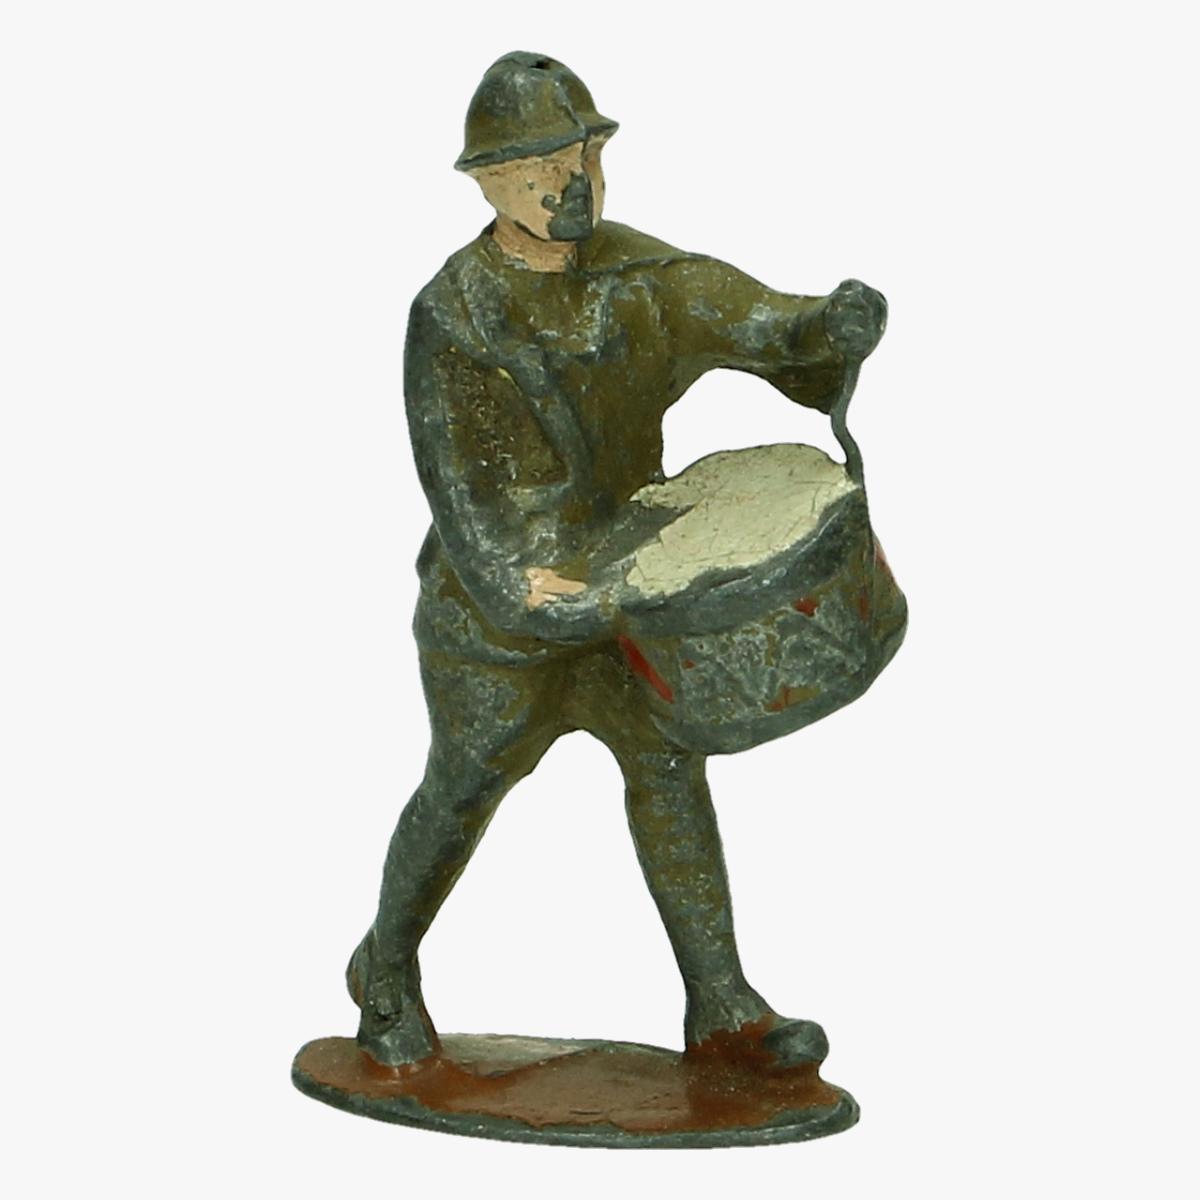 Afbeeldingen van loden soldaatjes